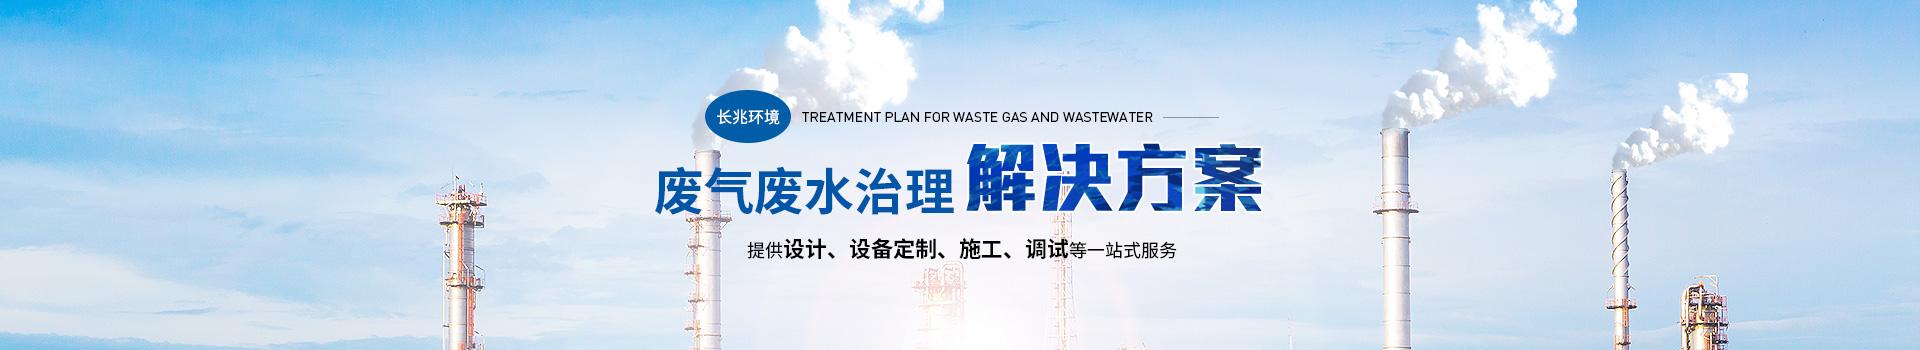 长兆环境废气废水治理解决方案提供设计、设备定制、施工等服务